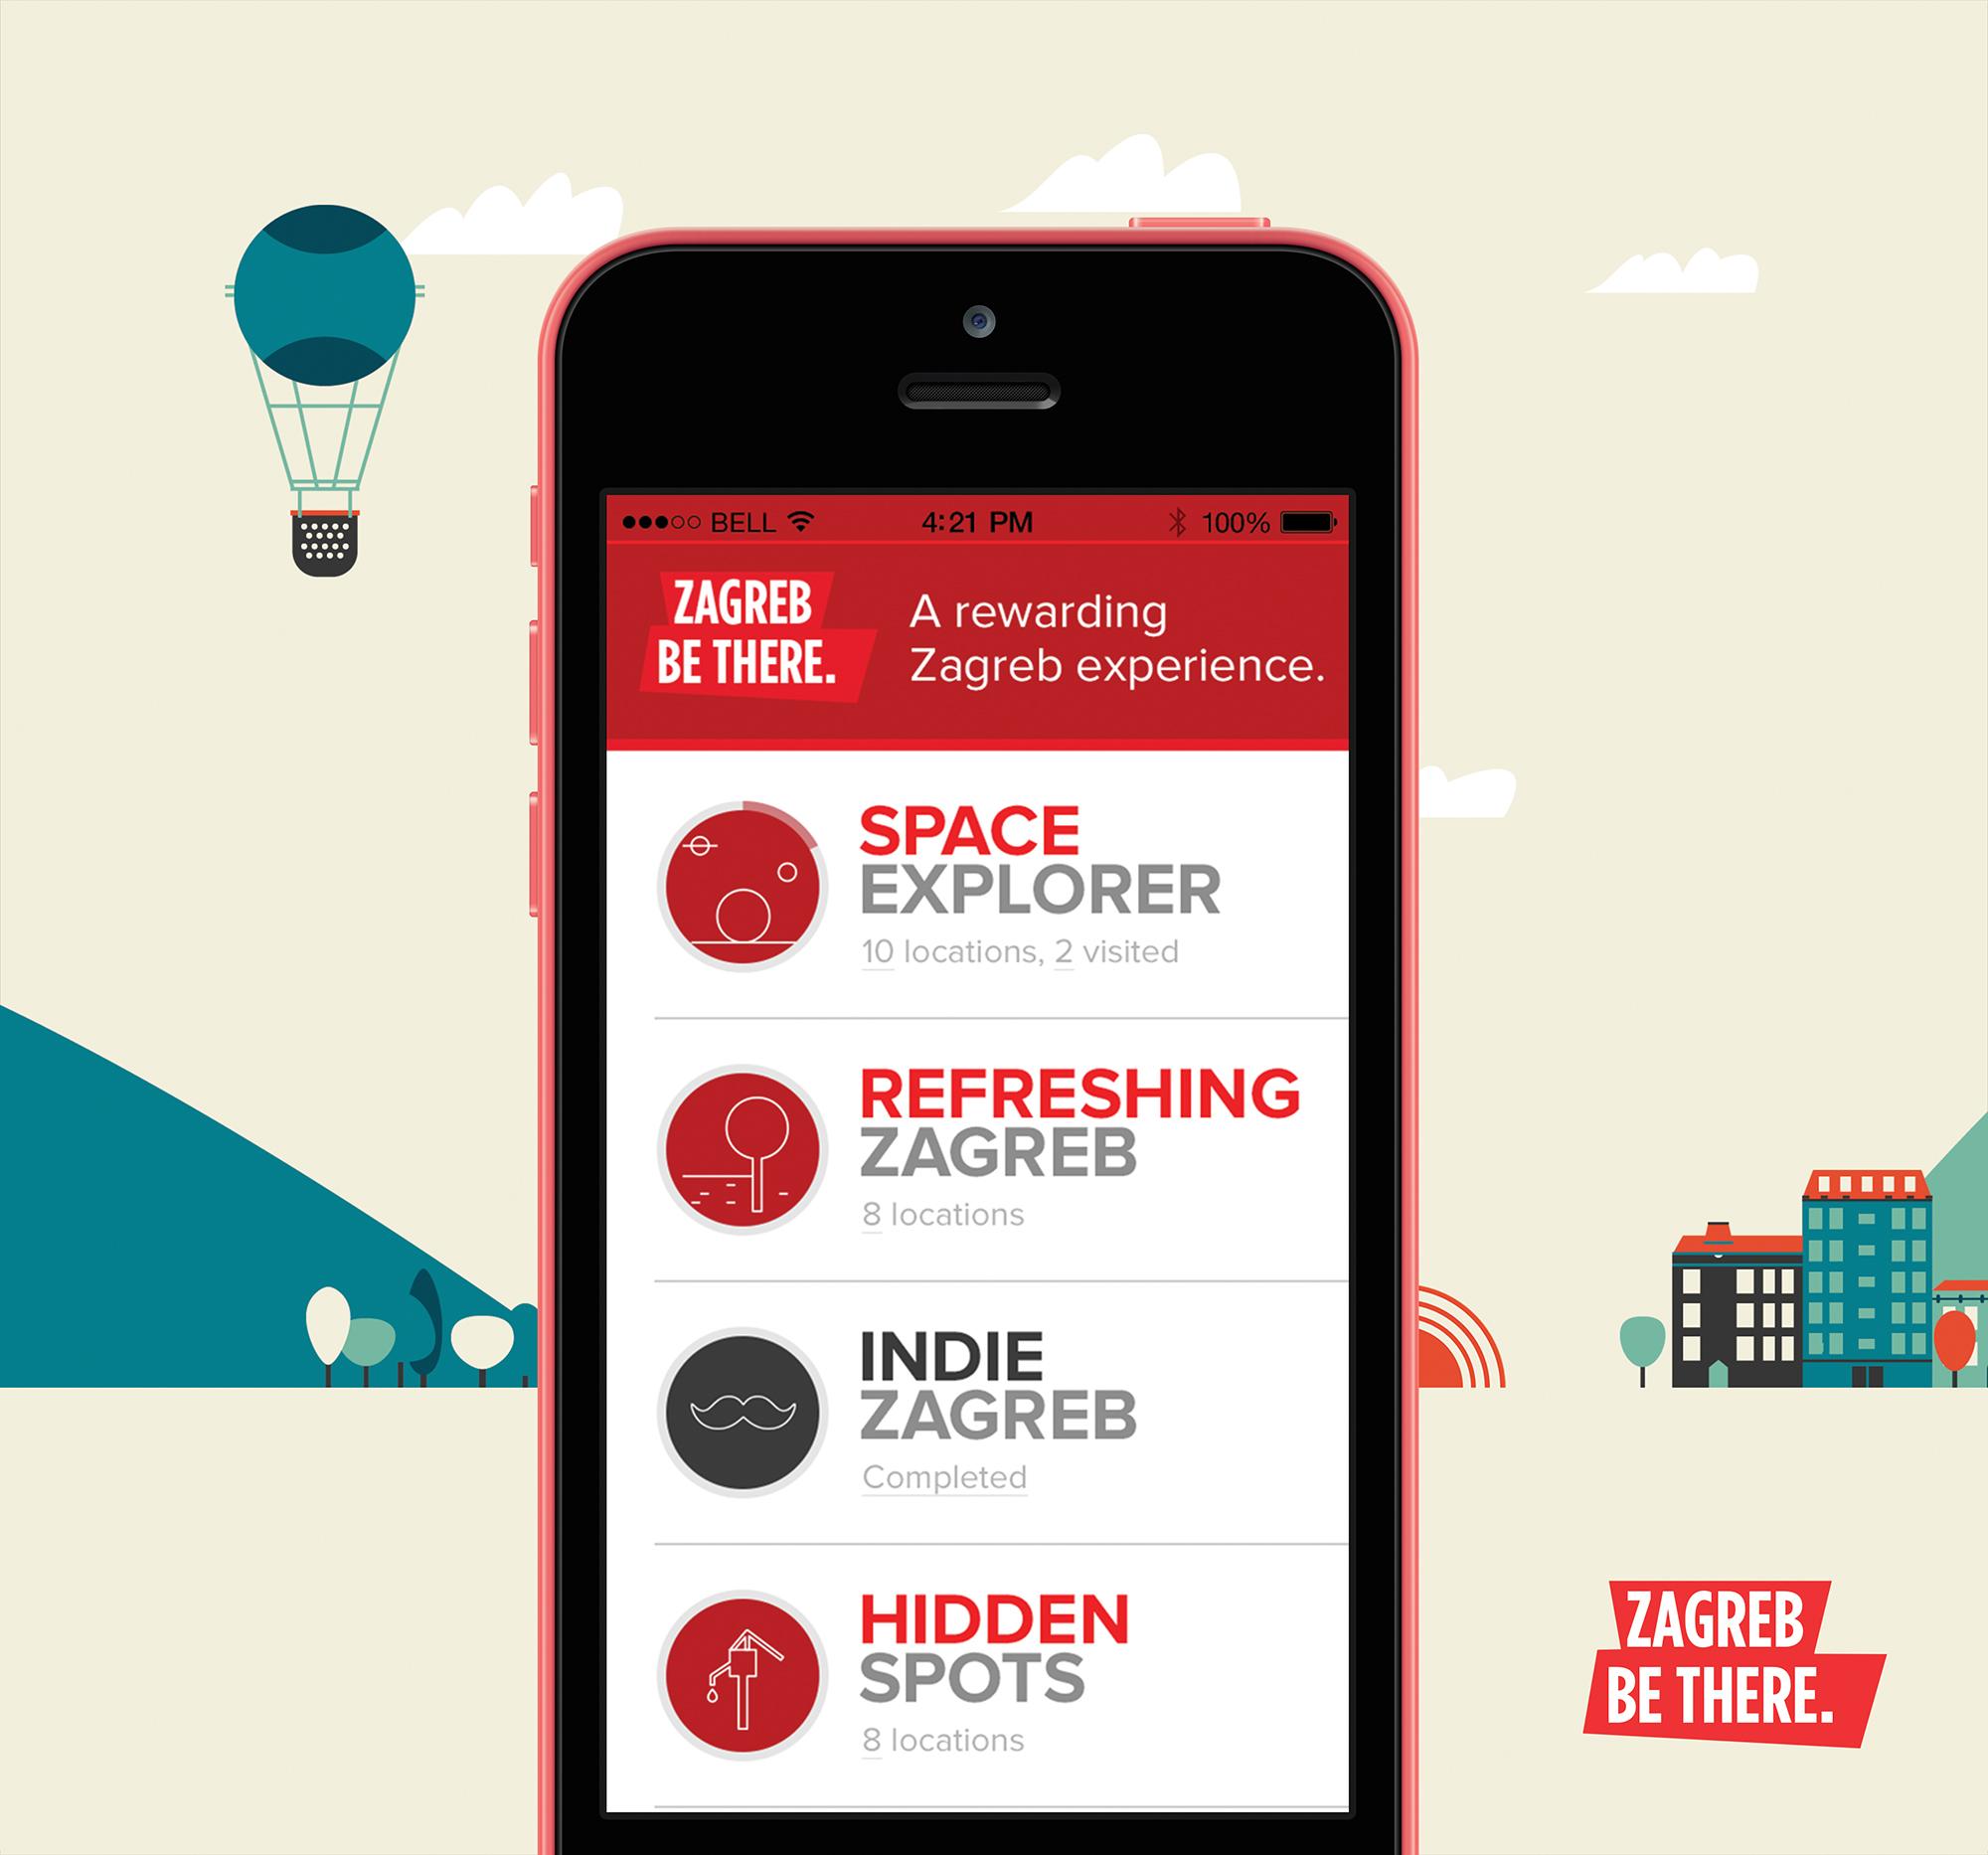 aplikacije za upoznavanje iphone 2014 Poklon od 6 mjeseci za izlazak